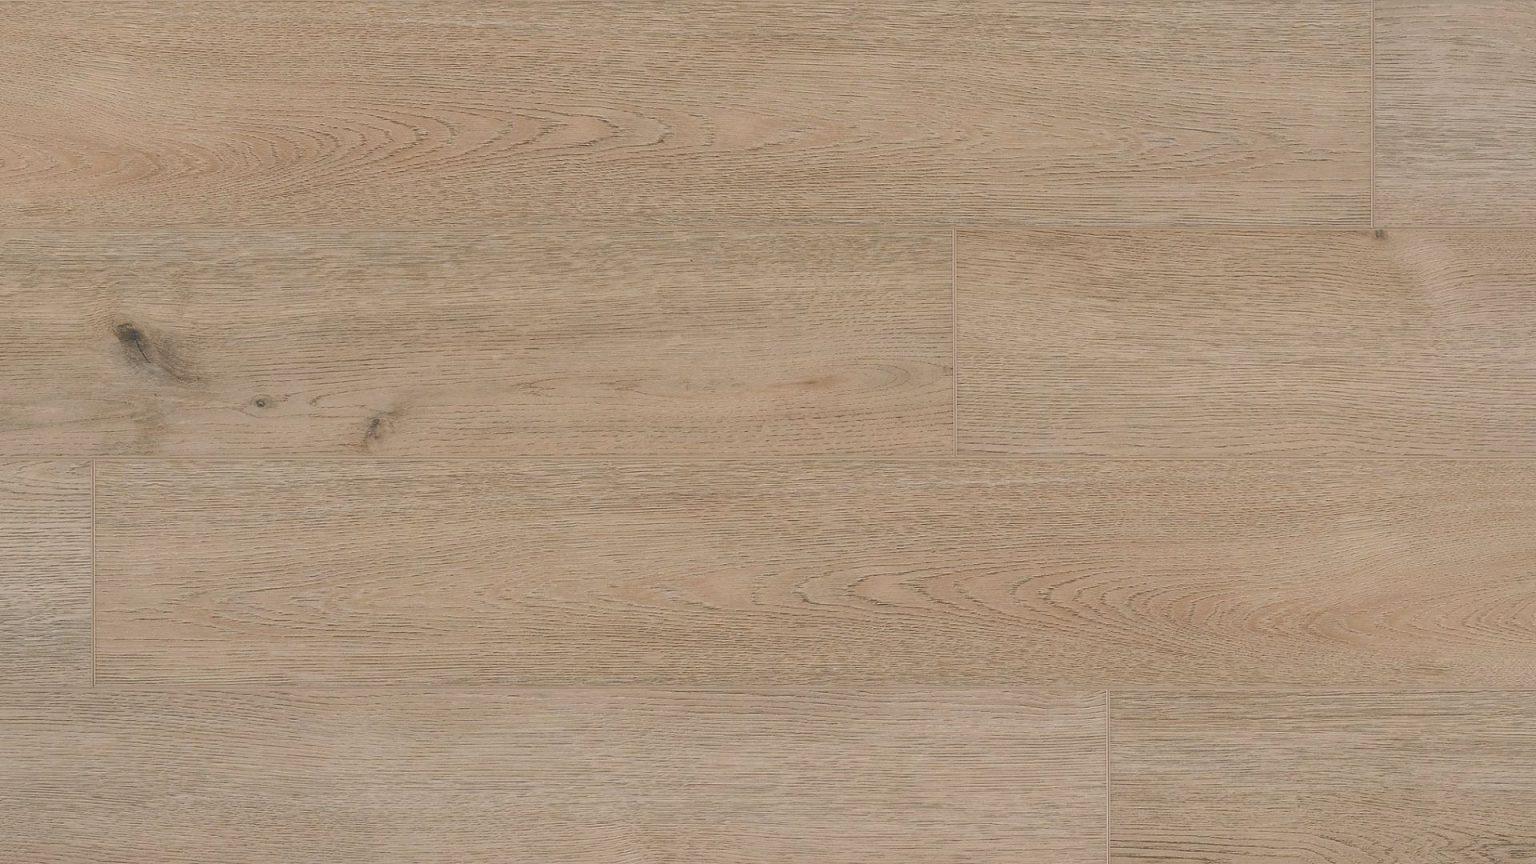 Ontario 50 LVRE 111 / COREtec® authentics wood